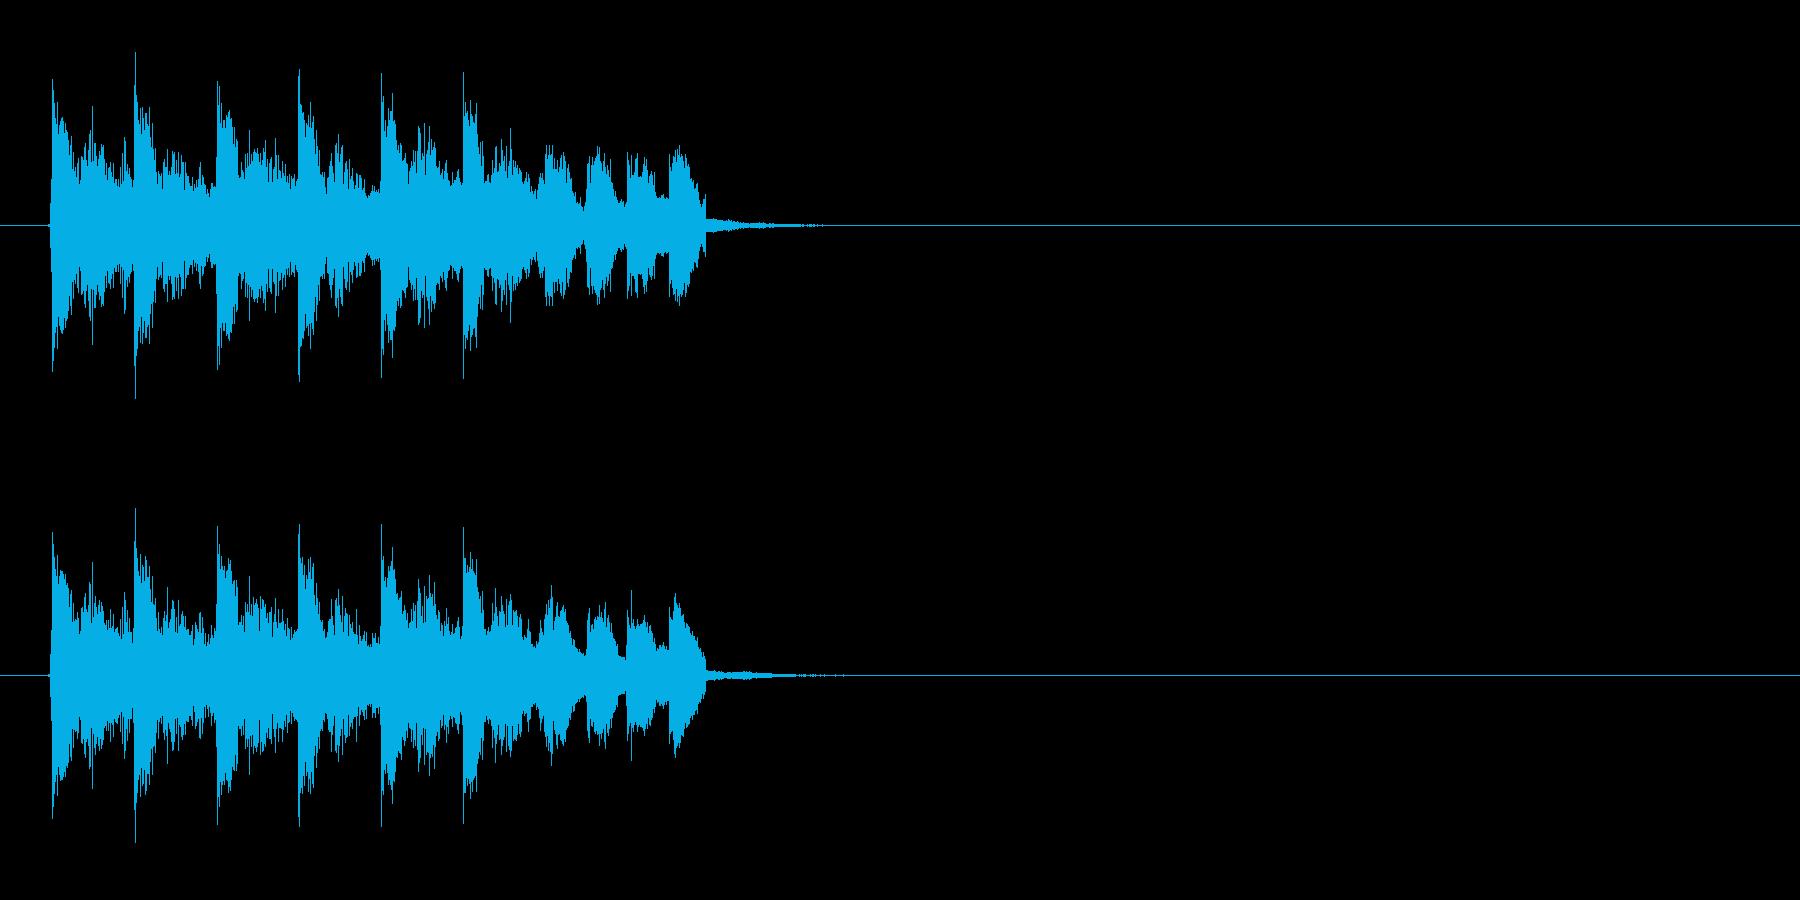 疾走感のある不協和音の再生済みの波形